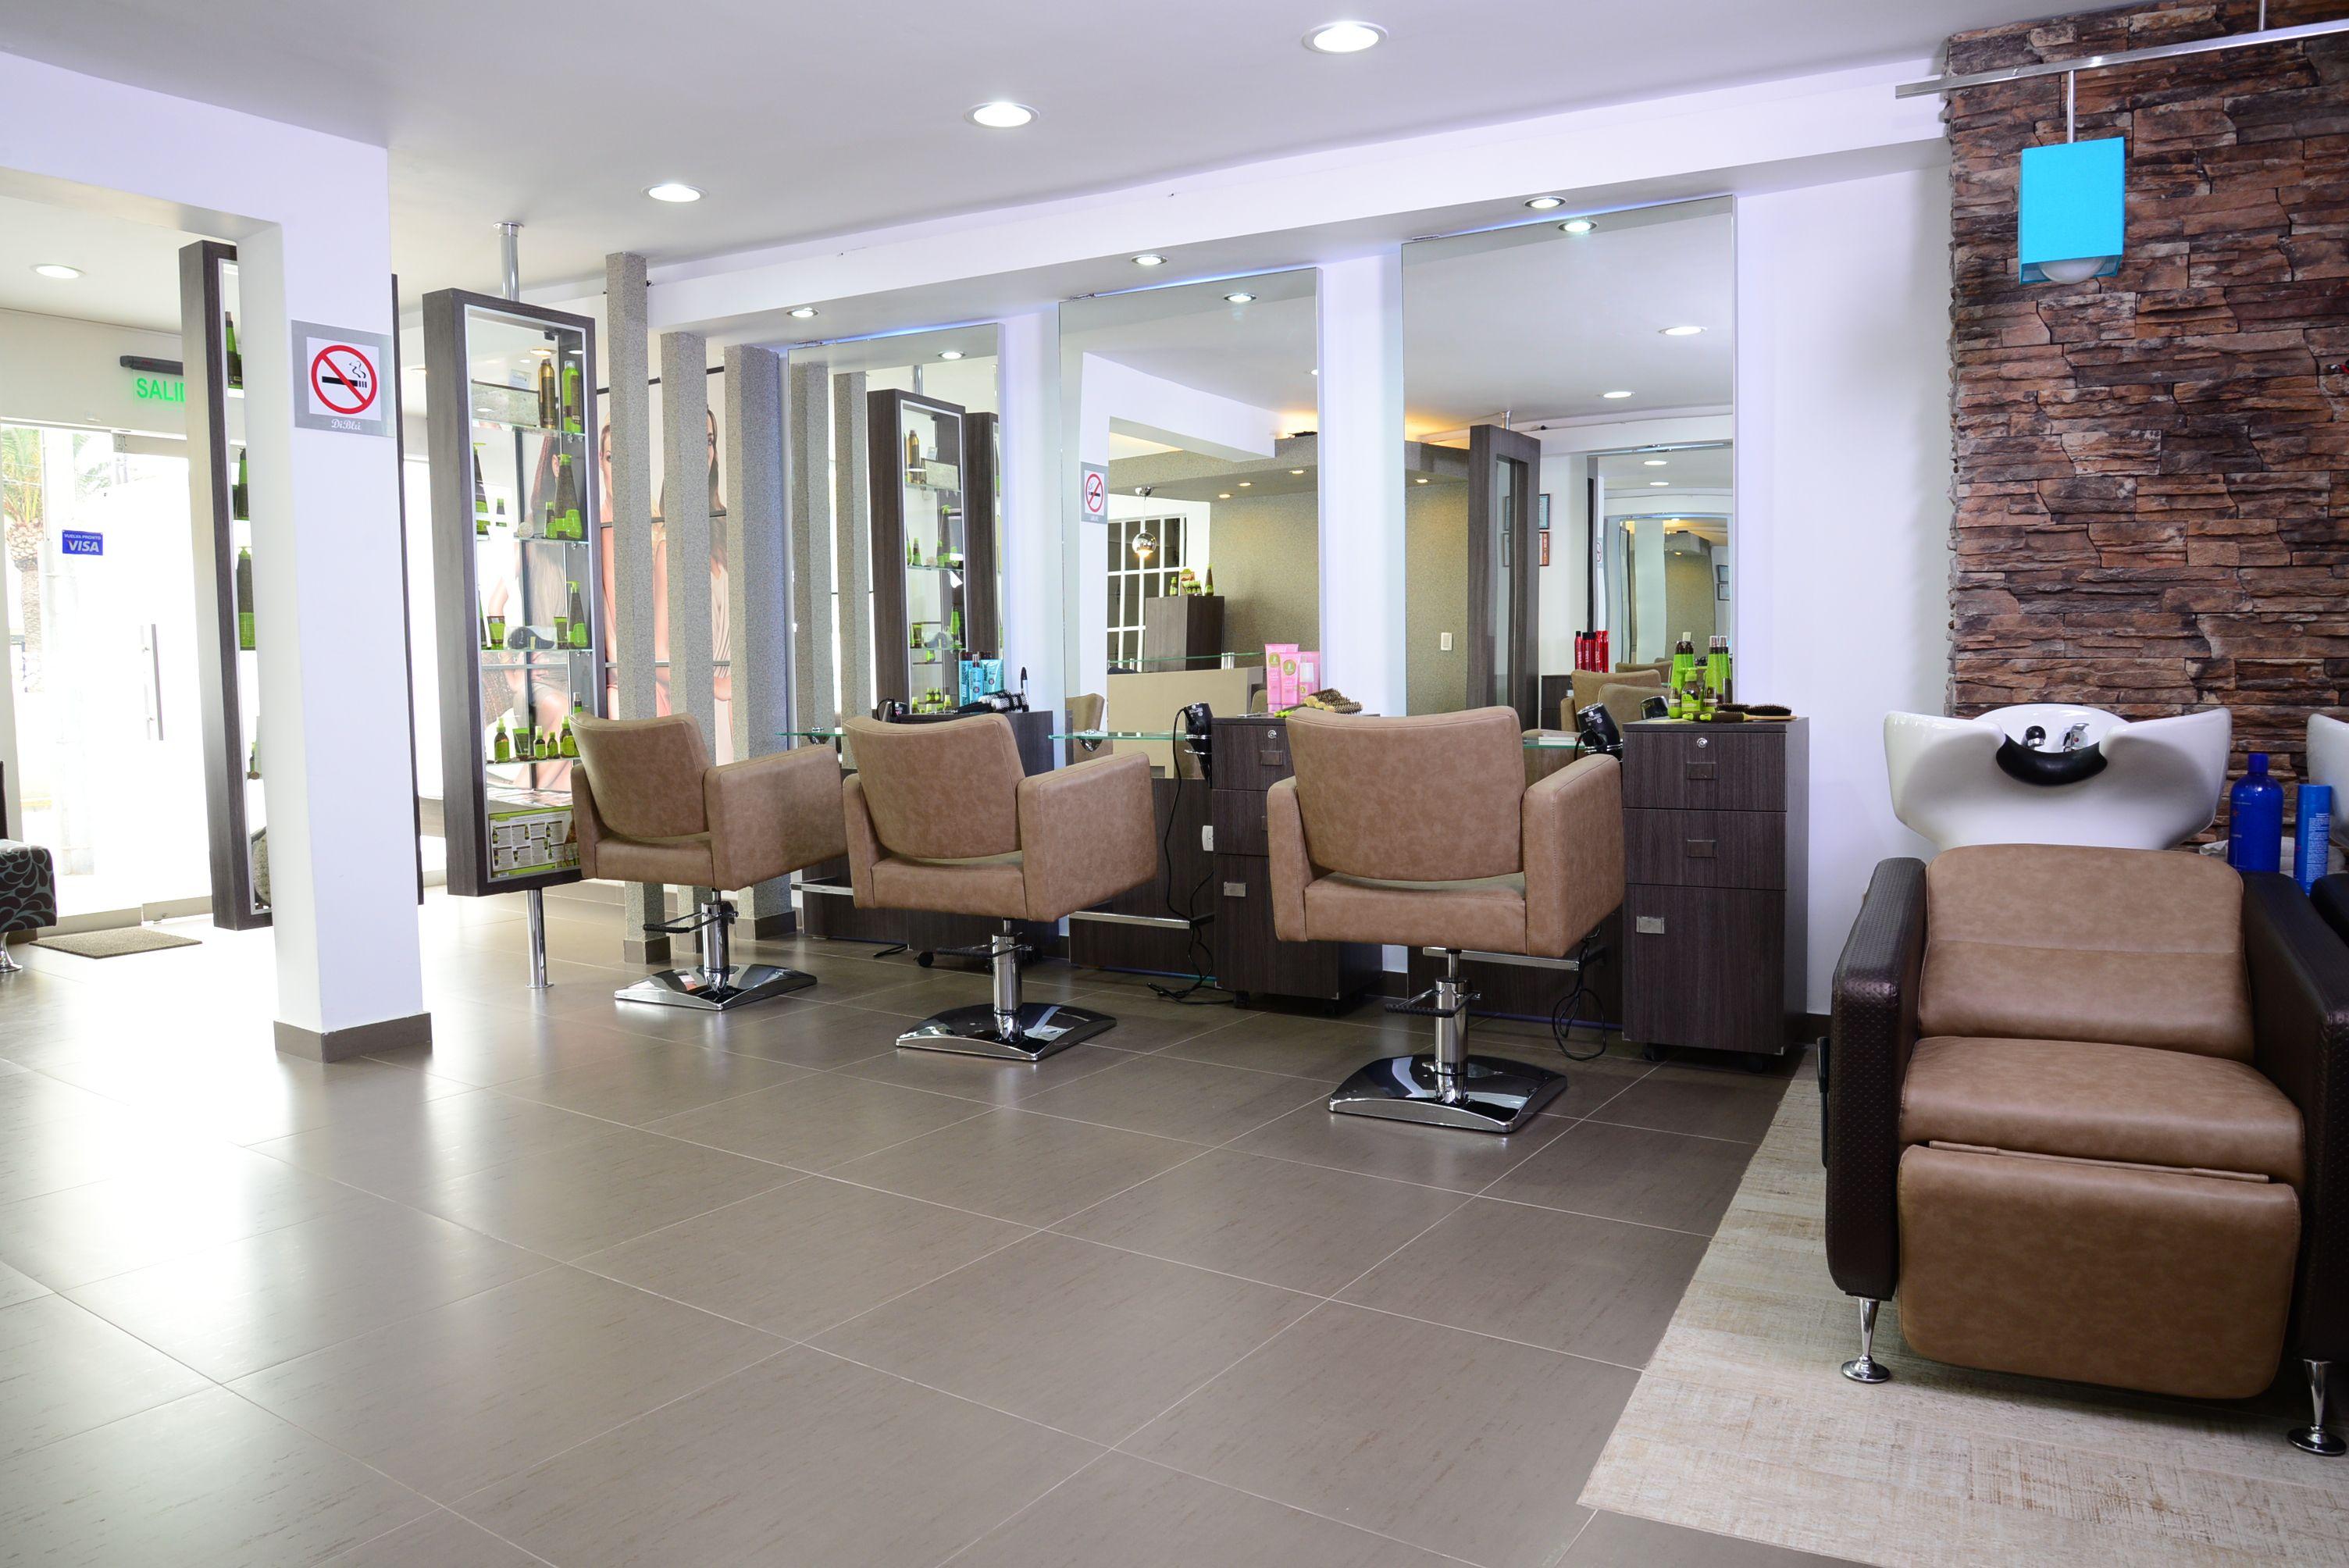 Salon de belleza y spa modernos buscar con google spa pinterest spa - Spa modernos ...